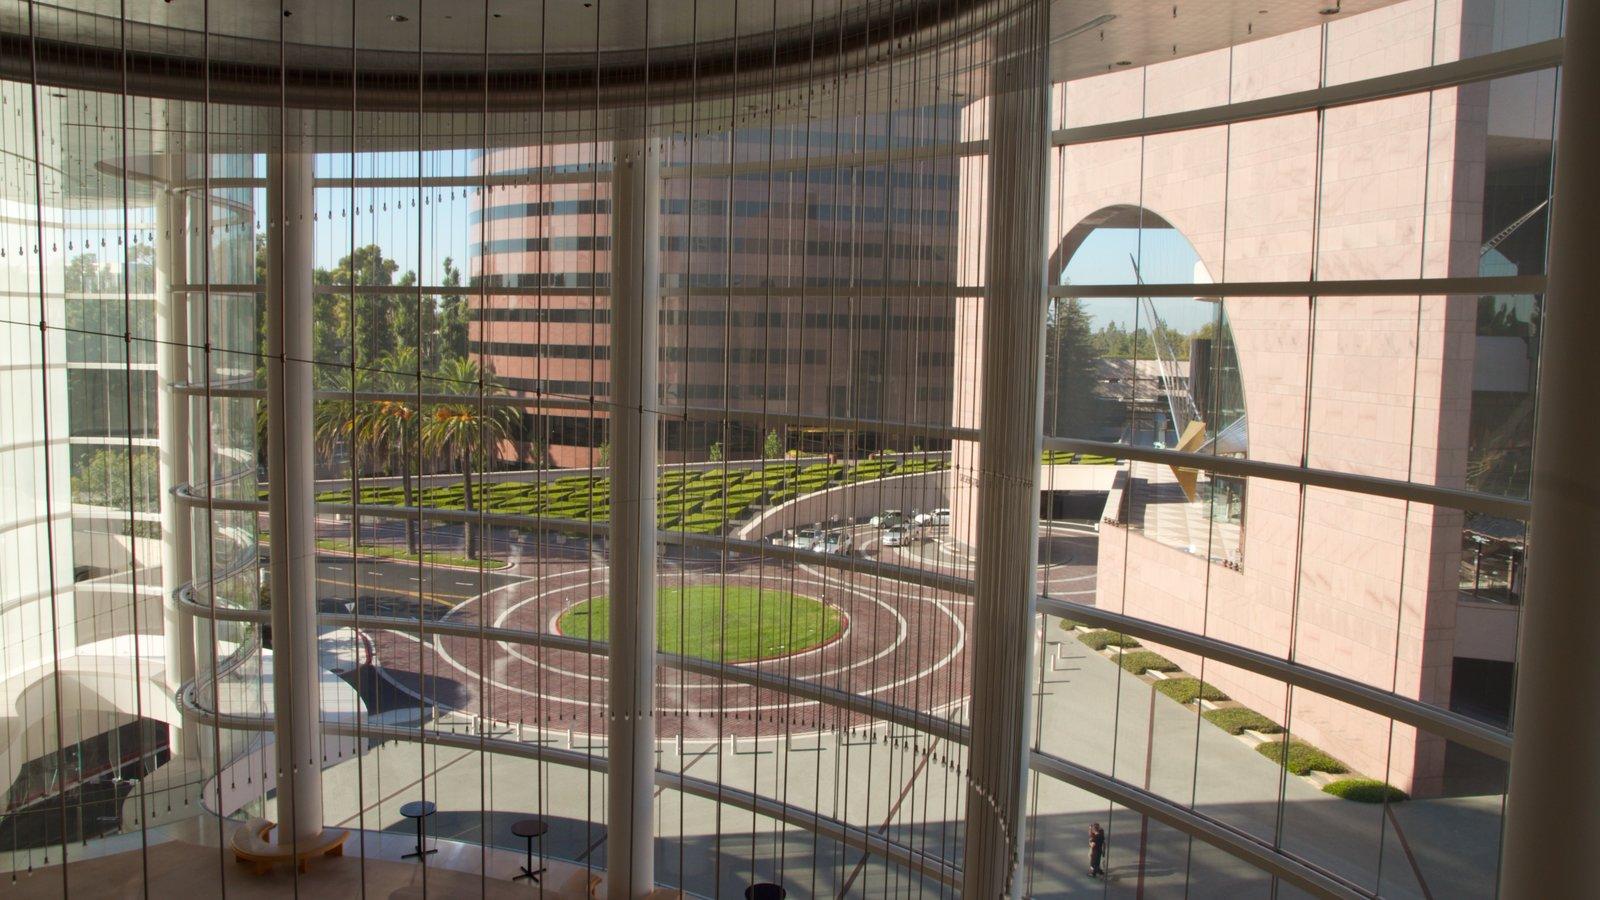 Segerstrom Center for the Arts mostrando vistas interiores, arquitectura moderna y una ciudad